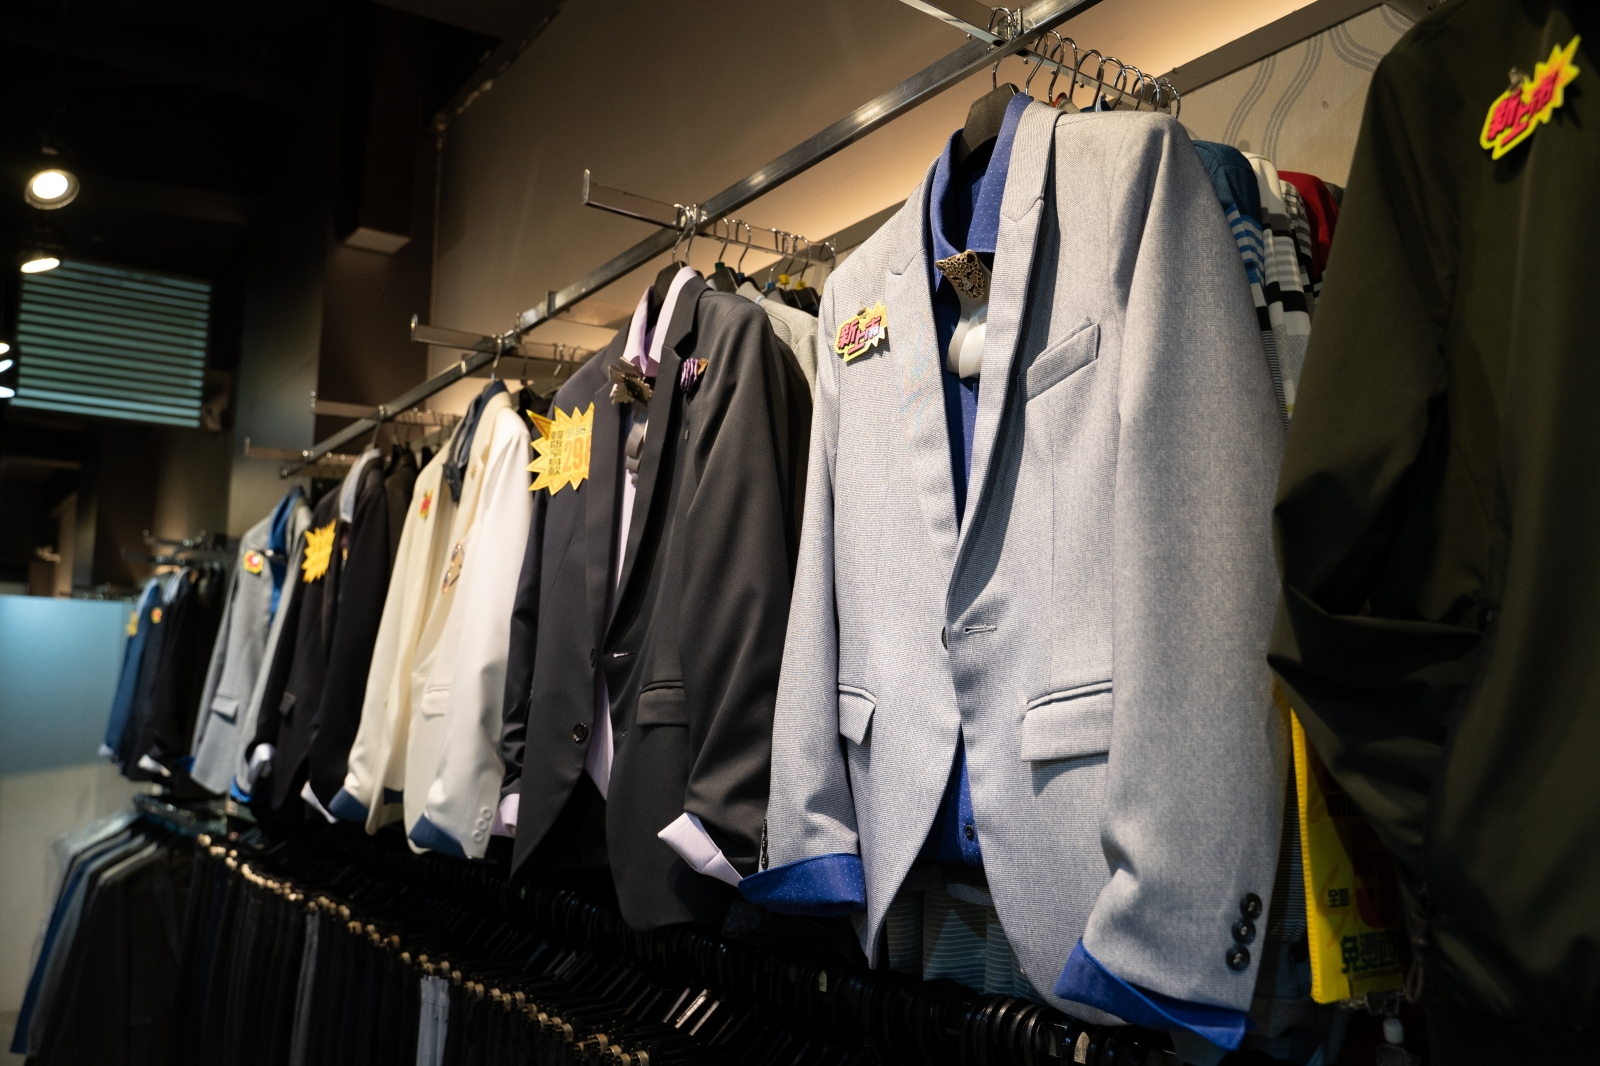 韓版合身西裝推薦。帥俊西裝專賣店(松山店)|成套西裝1980元起,百分百MIT台灣製造品質有保證,現場修改當天可拿,不論胖瘦都有合身西裝可以選擇,台北饒河街西裝推薦